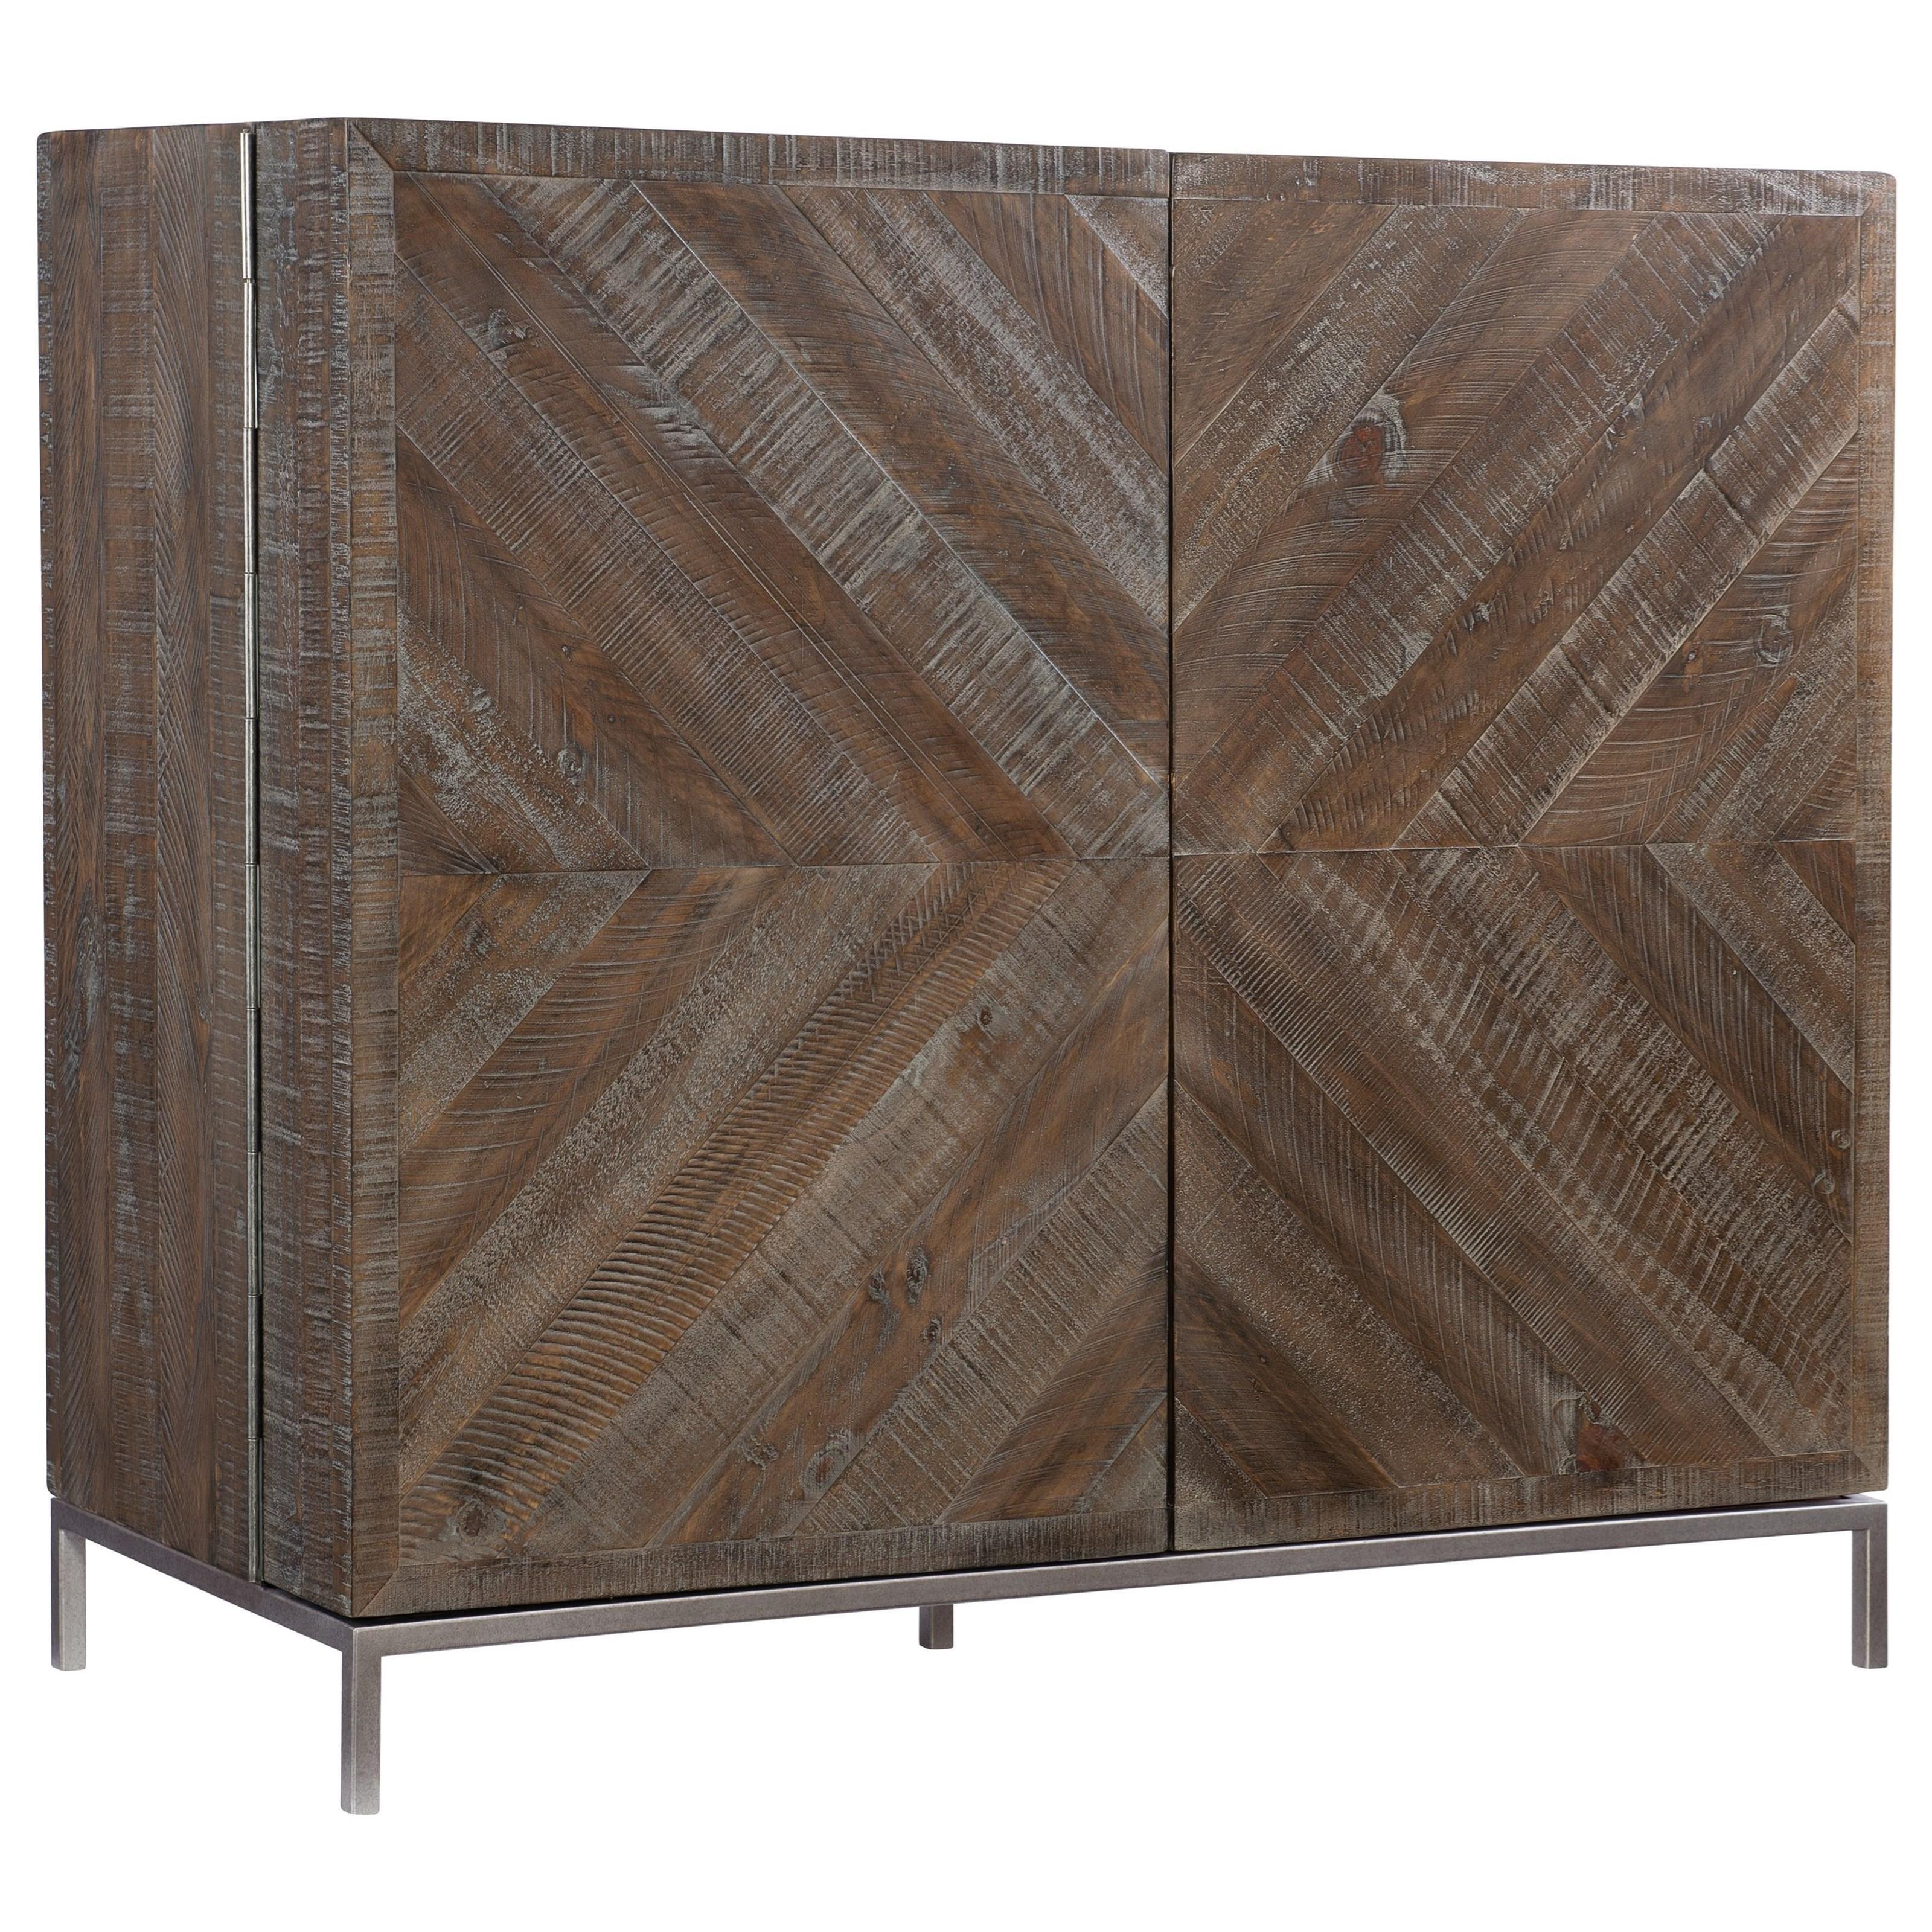 Loft - Logan Square Parkside Bar Cabinet by Bernhardt at Baer's Furniture